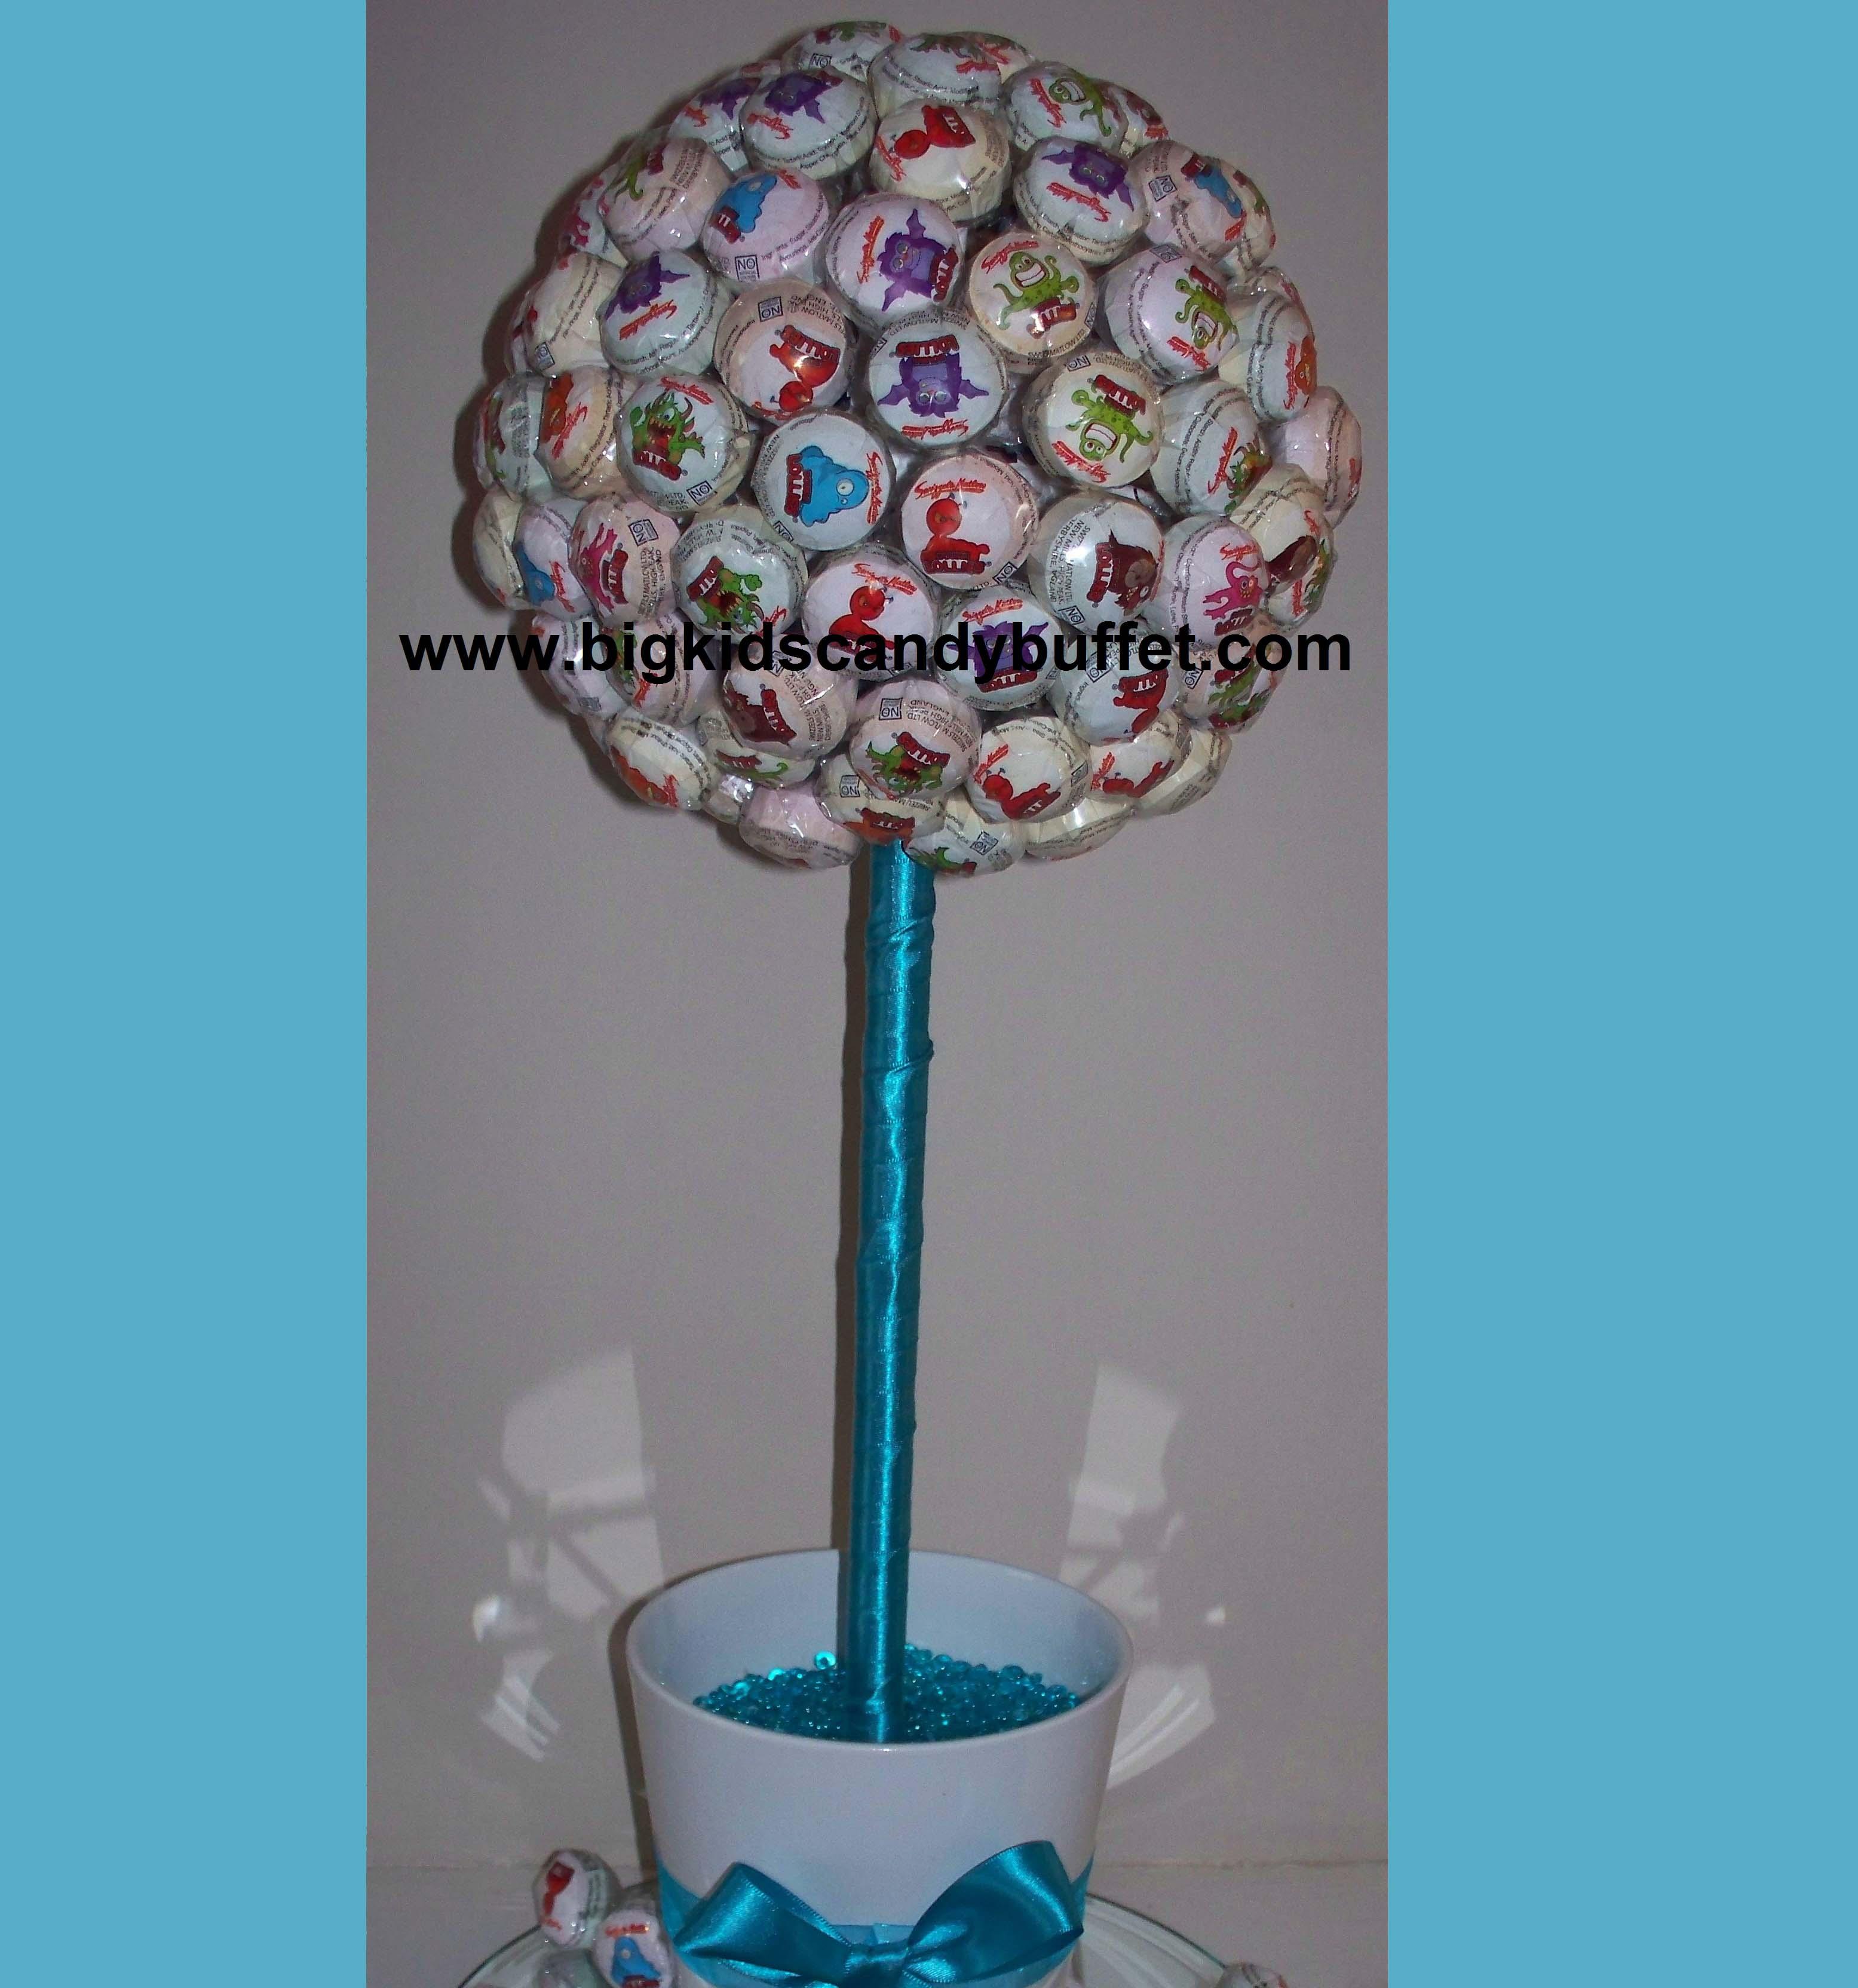 Sweet or Cupcake Tree Balls - Supplies